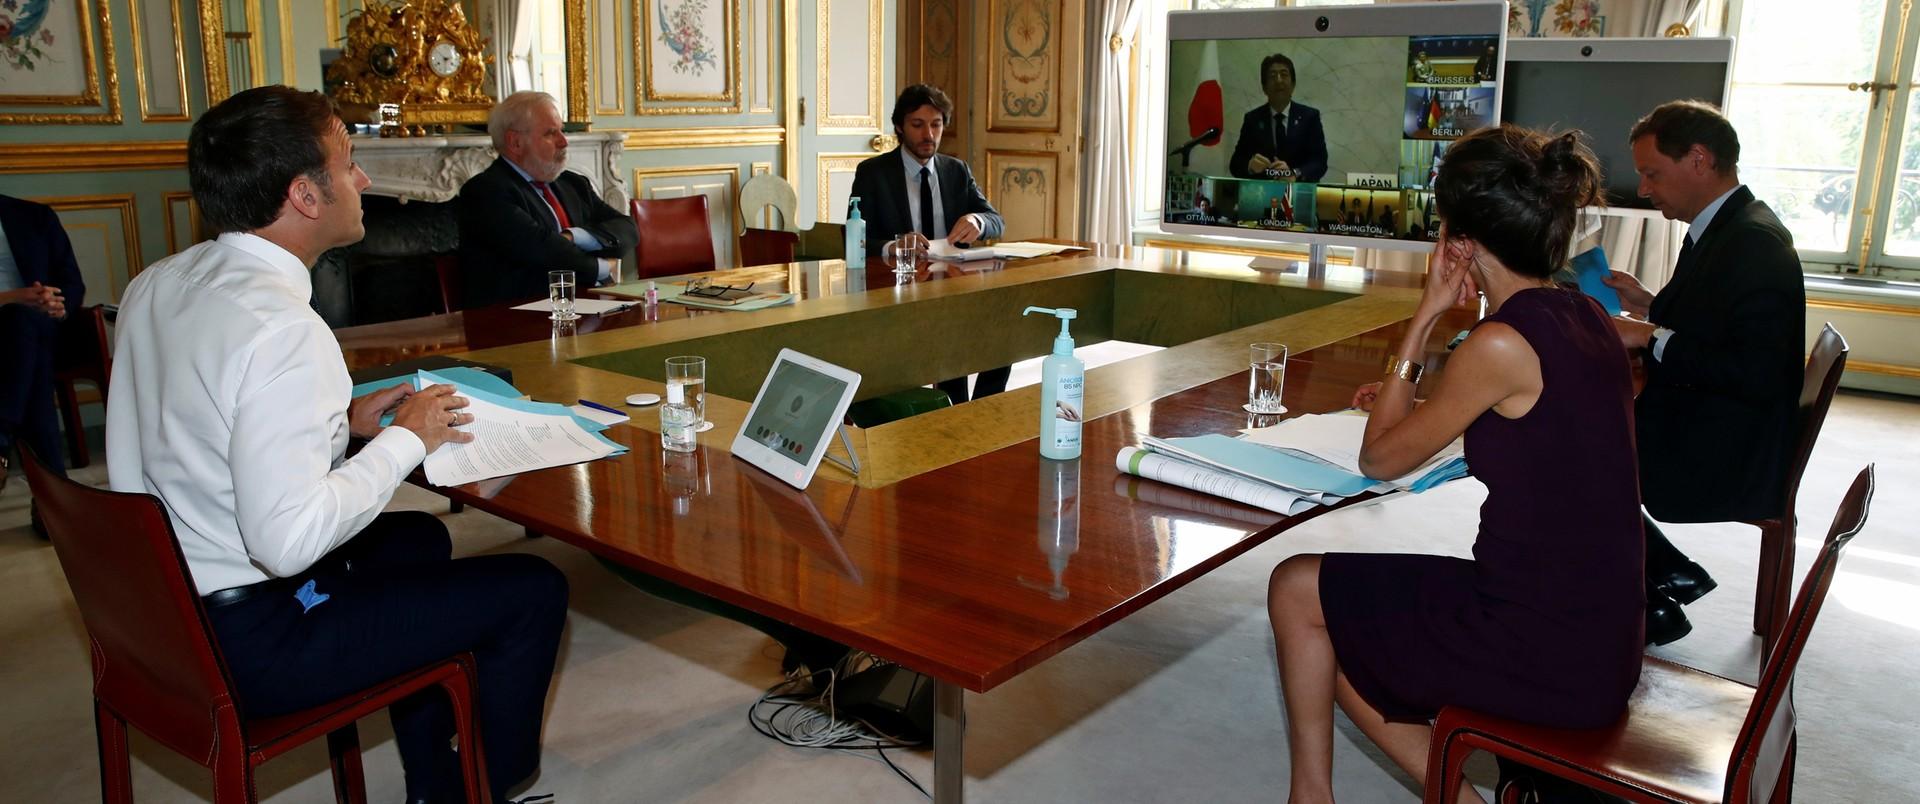 Prezydent Marcon w czasie wideokonferencji z liderami G7